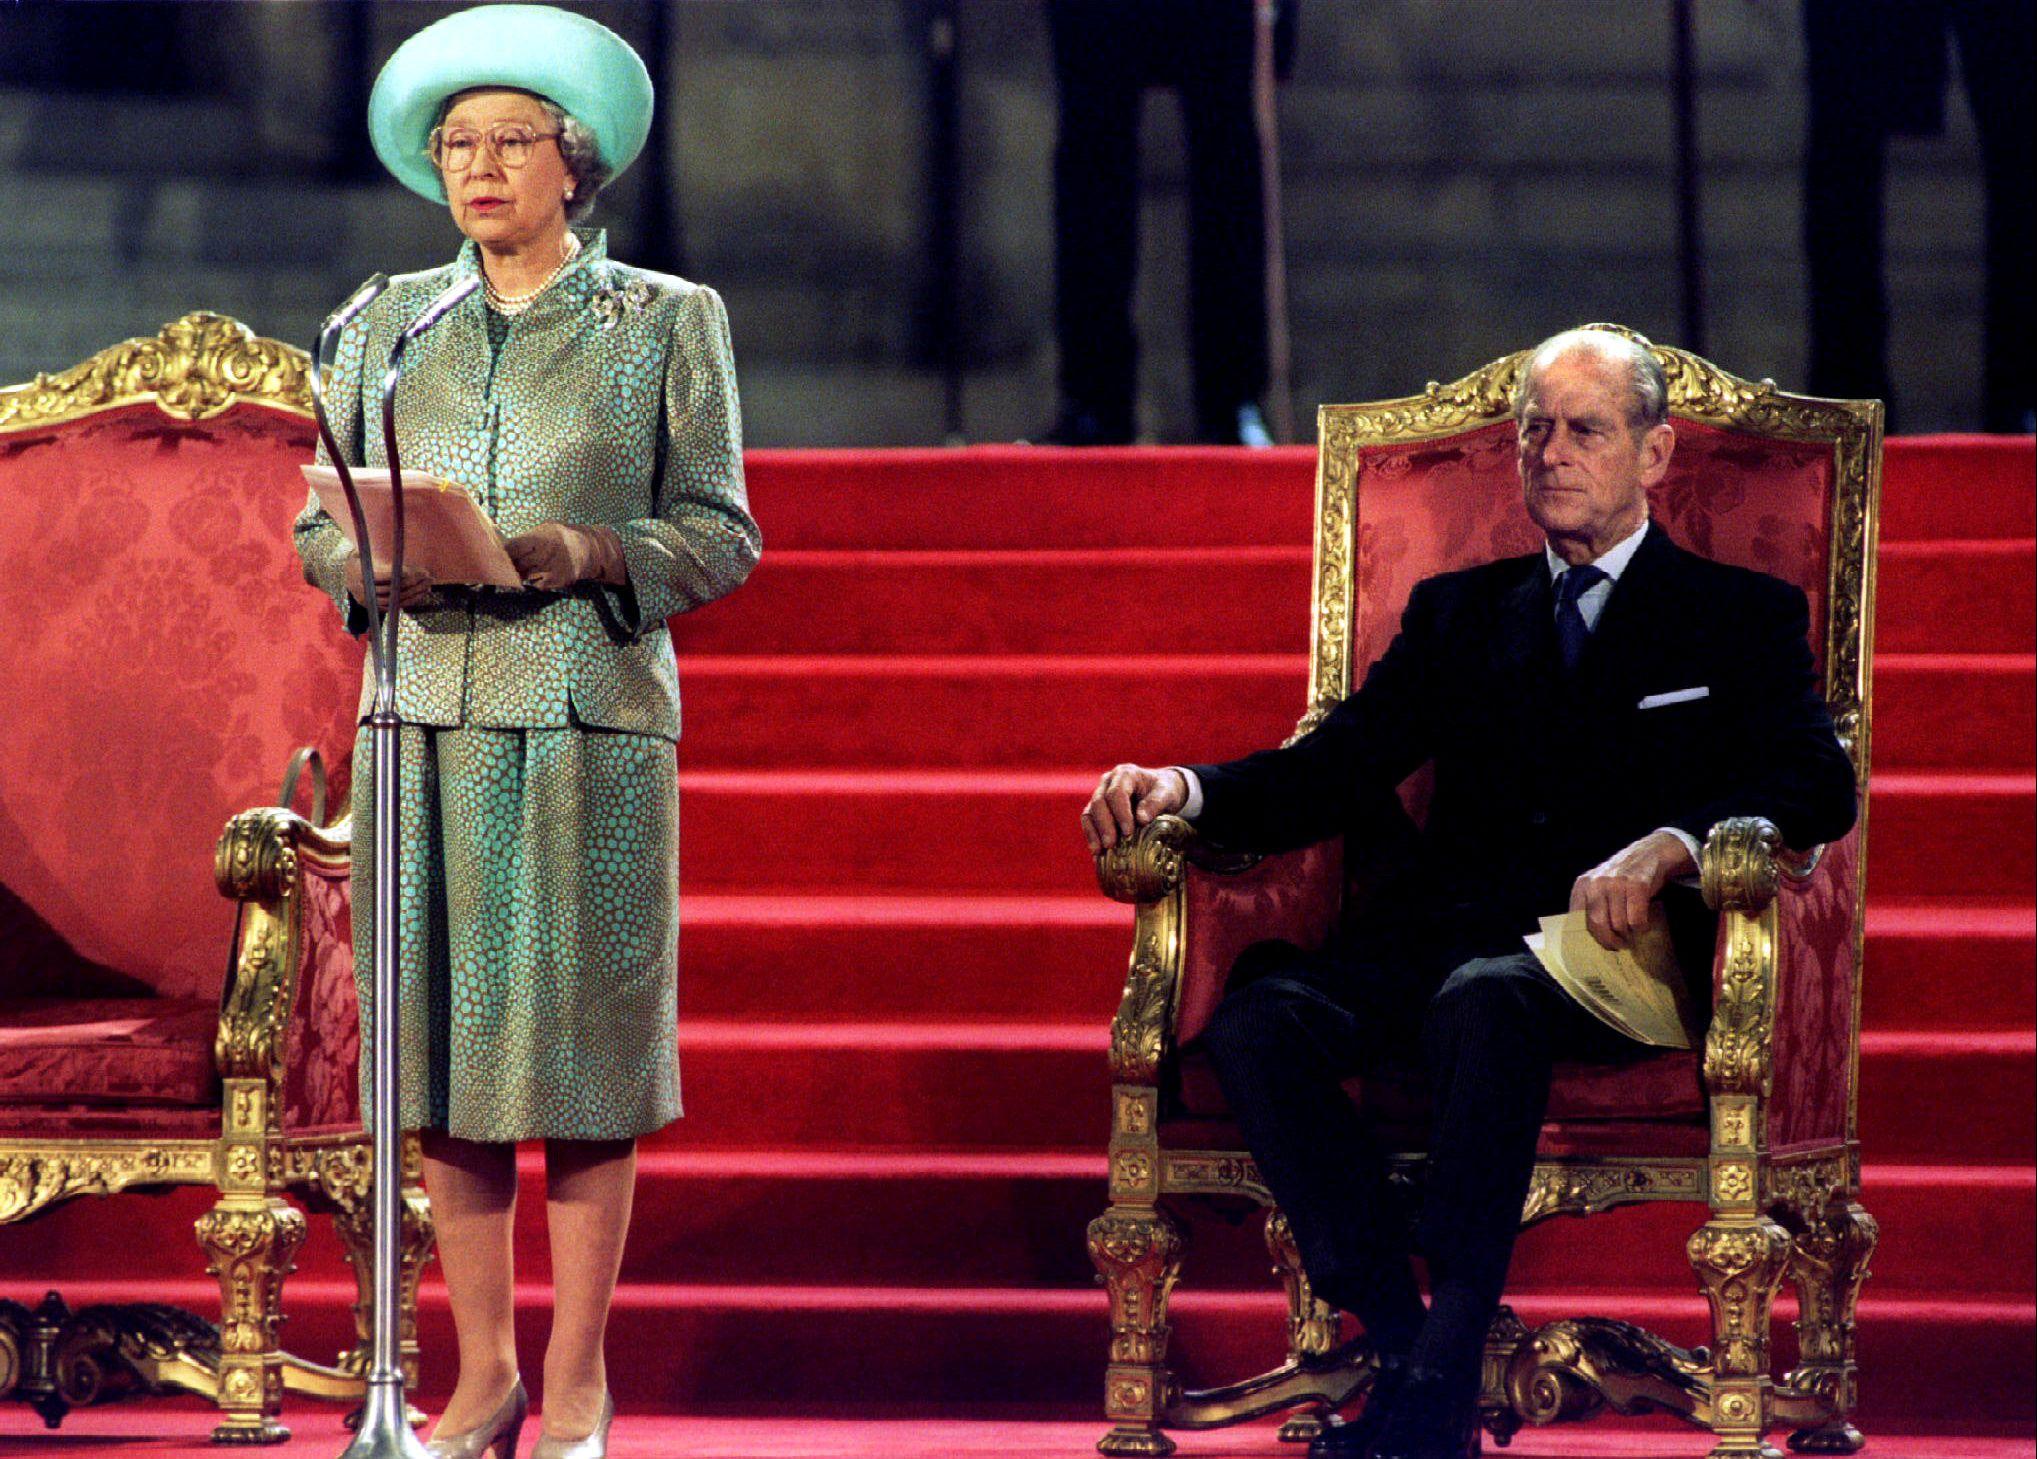 La reina Isabel II pronuncia un discurso ante ambas cámaras del Parlamento en el Palacio de Westminster el 5 de mayo de 1995 ante el Príncipe Felipe (Reuters)